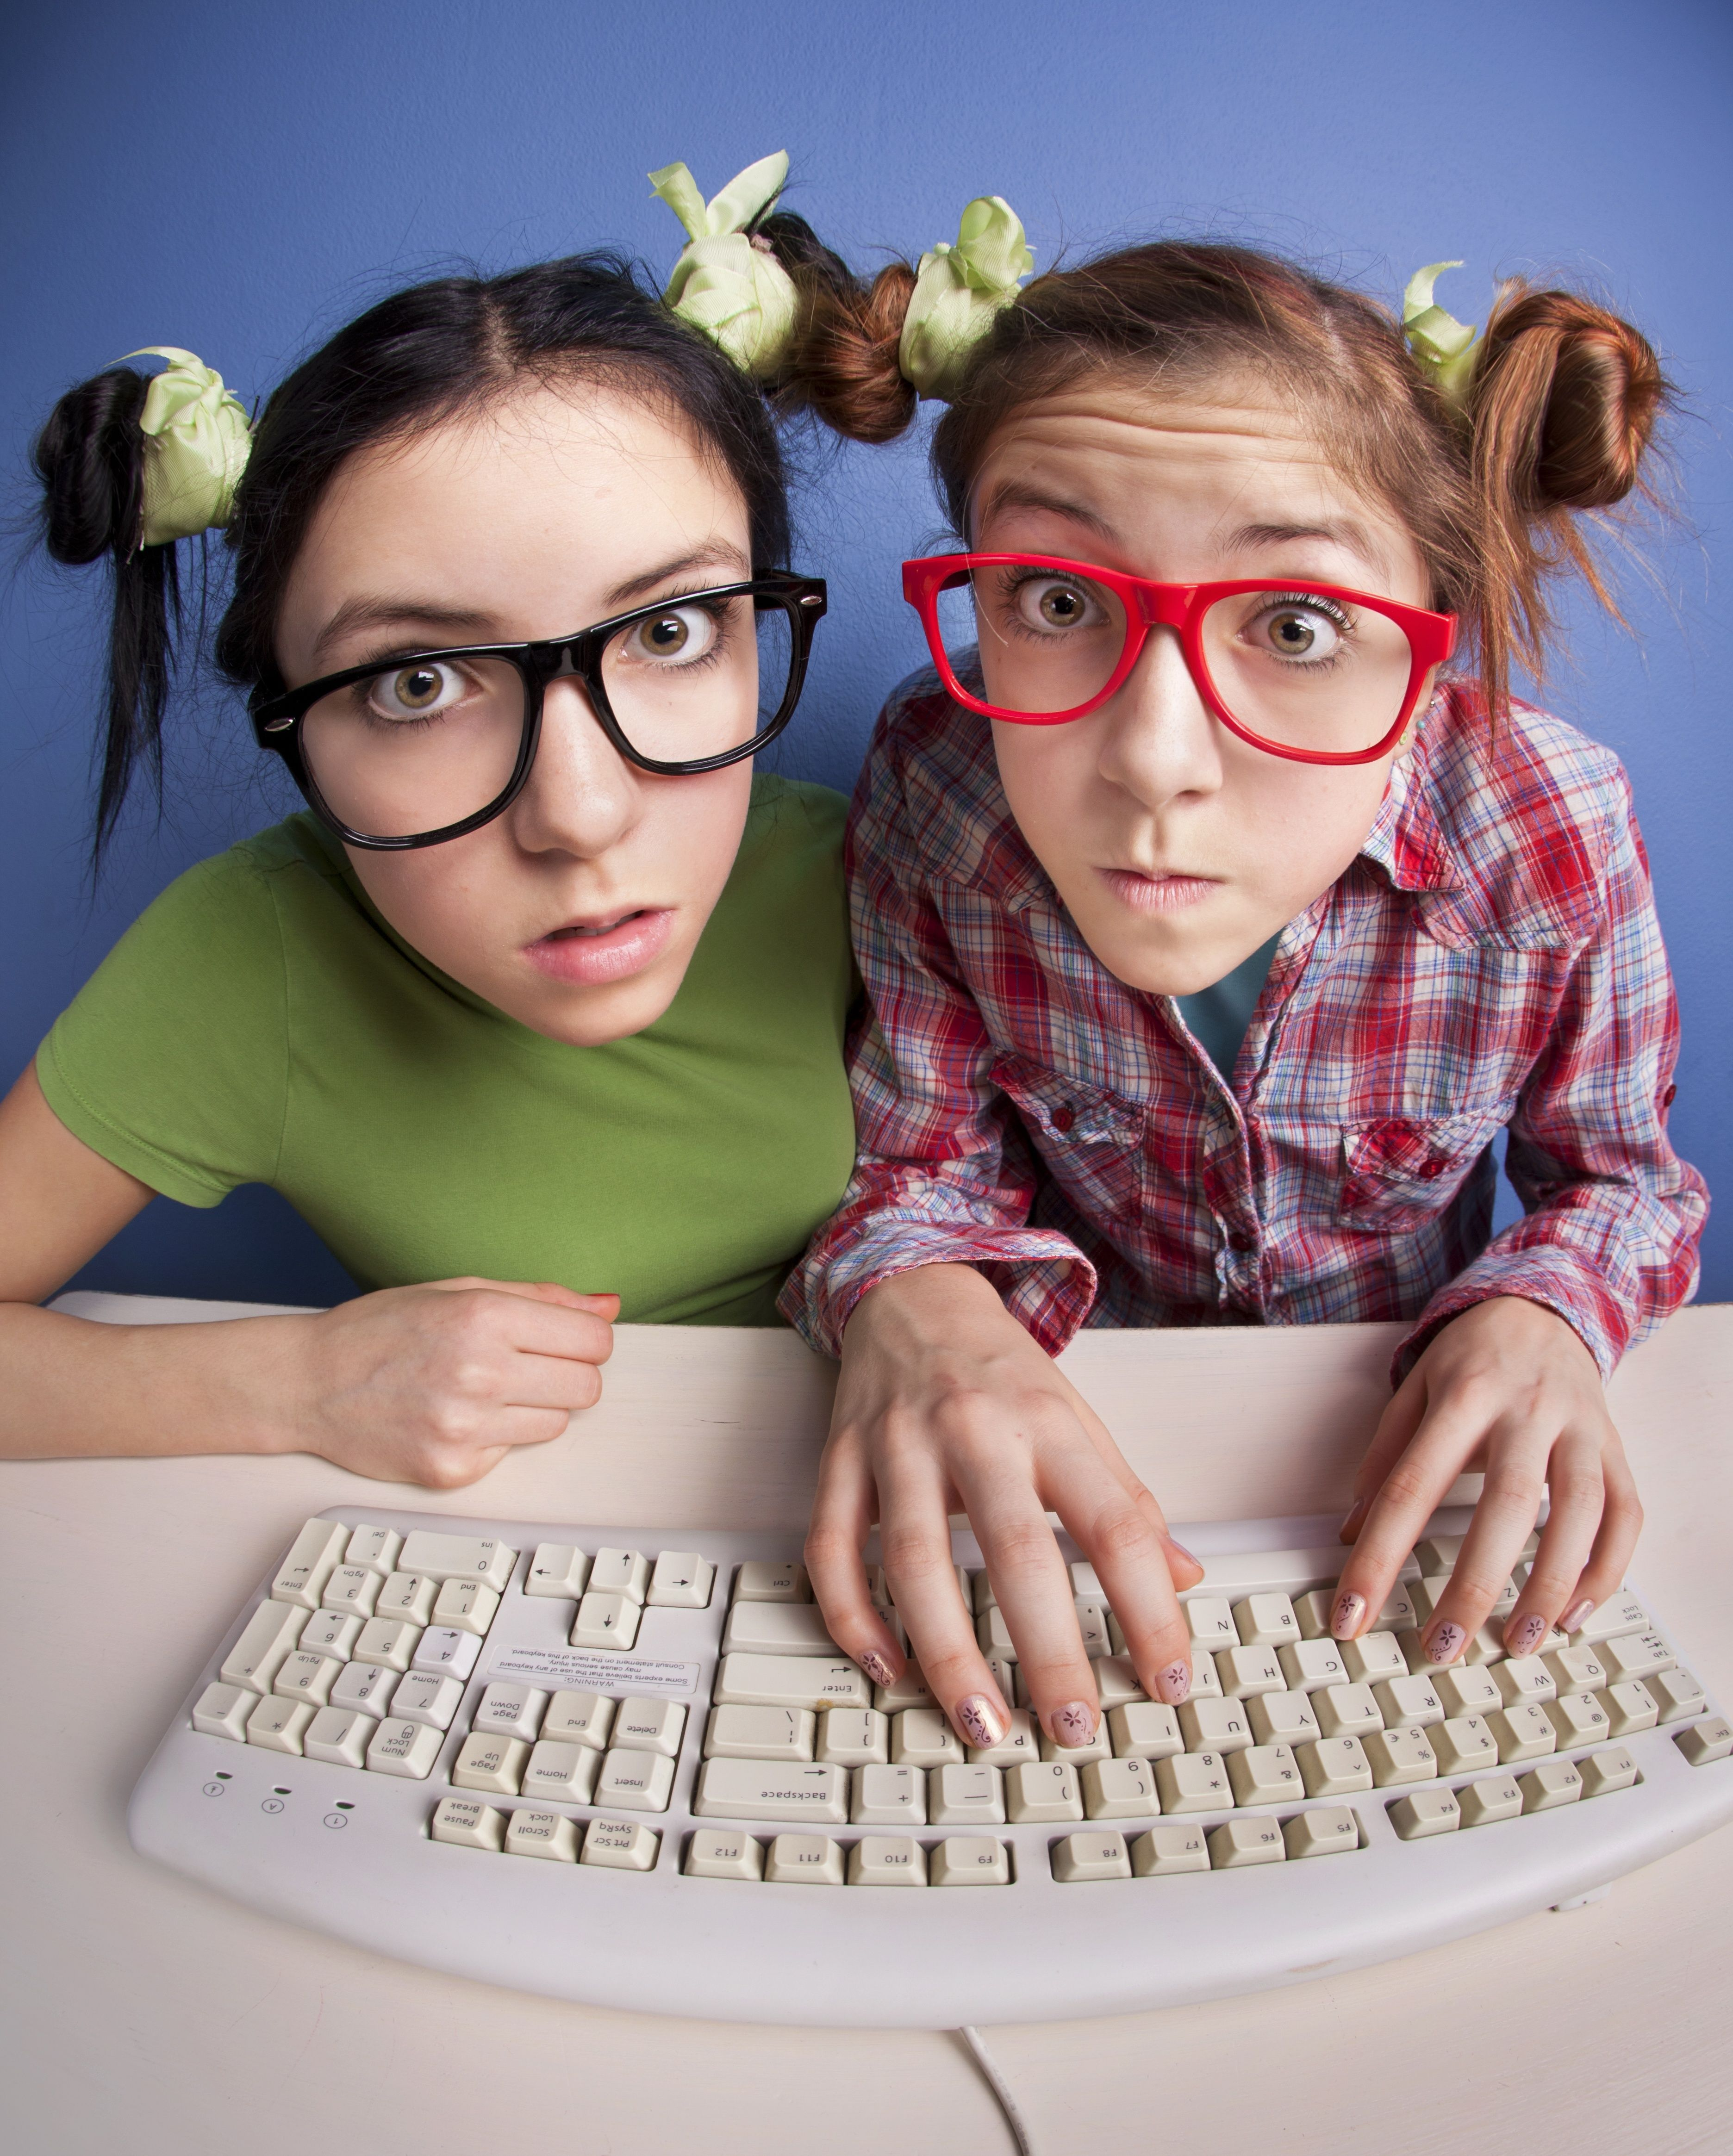 Eine Social-Media-Strategie zum Beispiel für einen Blog kann sehr einfach aber auch kompliziert sein. Ein Social-Media Autor oder Blogger macht normalerweise keine SWOT-Analyse oder taucht selten tief in Marktforschungen ein. Er kreiert oft auch Konzepte und grosse Dokumente, sondern er überfliegt Papier meistens nur und vertieft sich nur dort, wo es ihn auch brennend interessiert…  http://roland-hartmann.ch/die-strategie-fuer-einen-blog-sehen-denken-umsetzen/